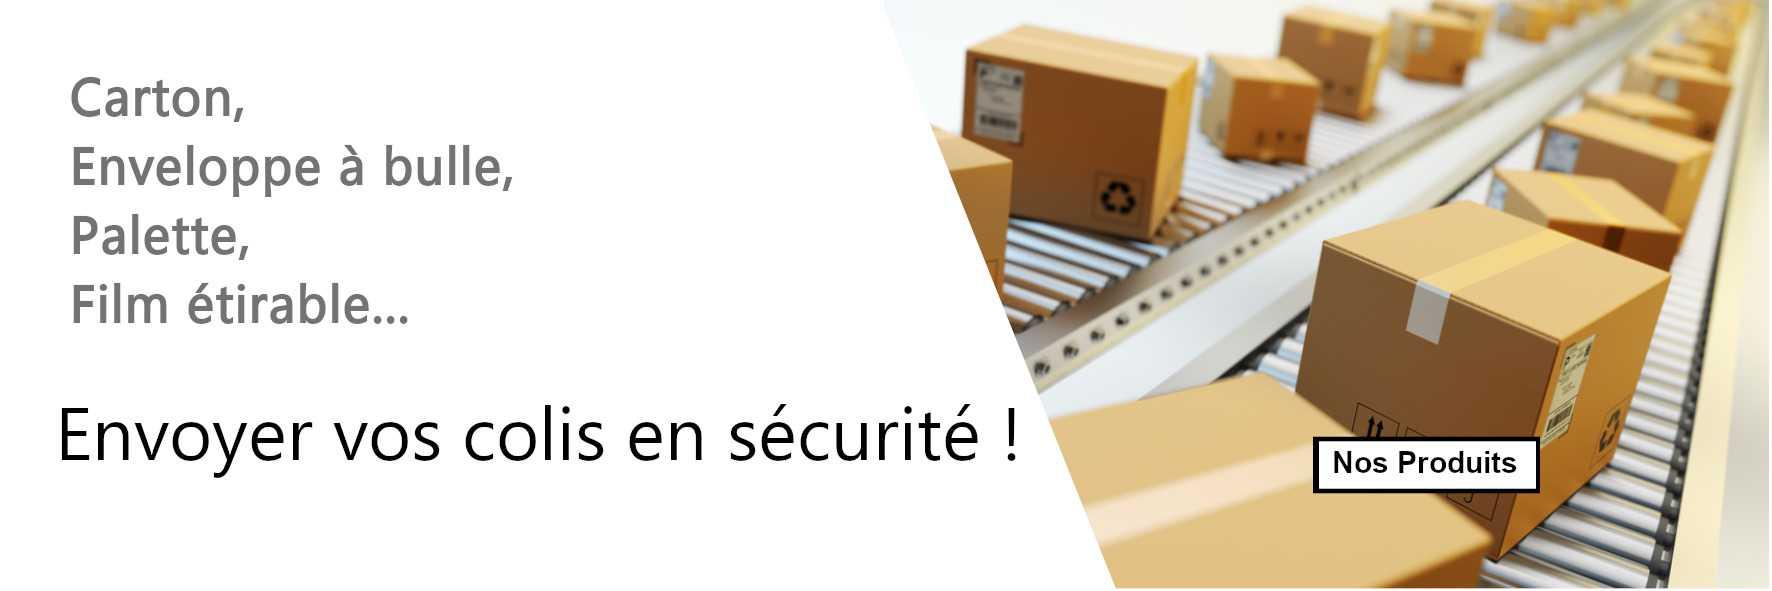 Carton, Enveloppe bulle, papier bulle, film plastique étirable. Envoyez vos colis en sécurité !